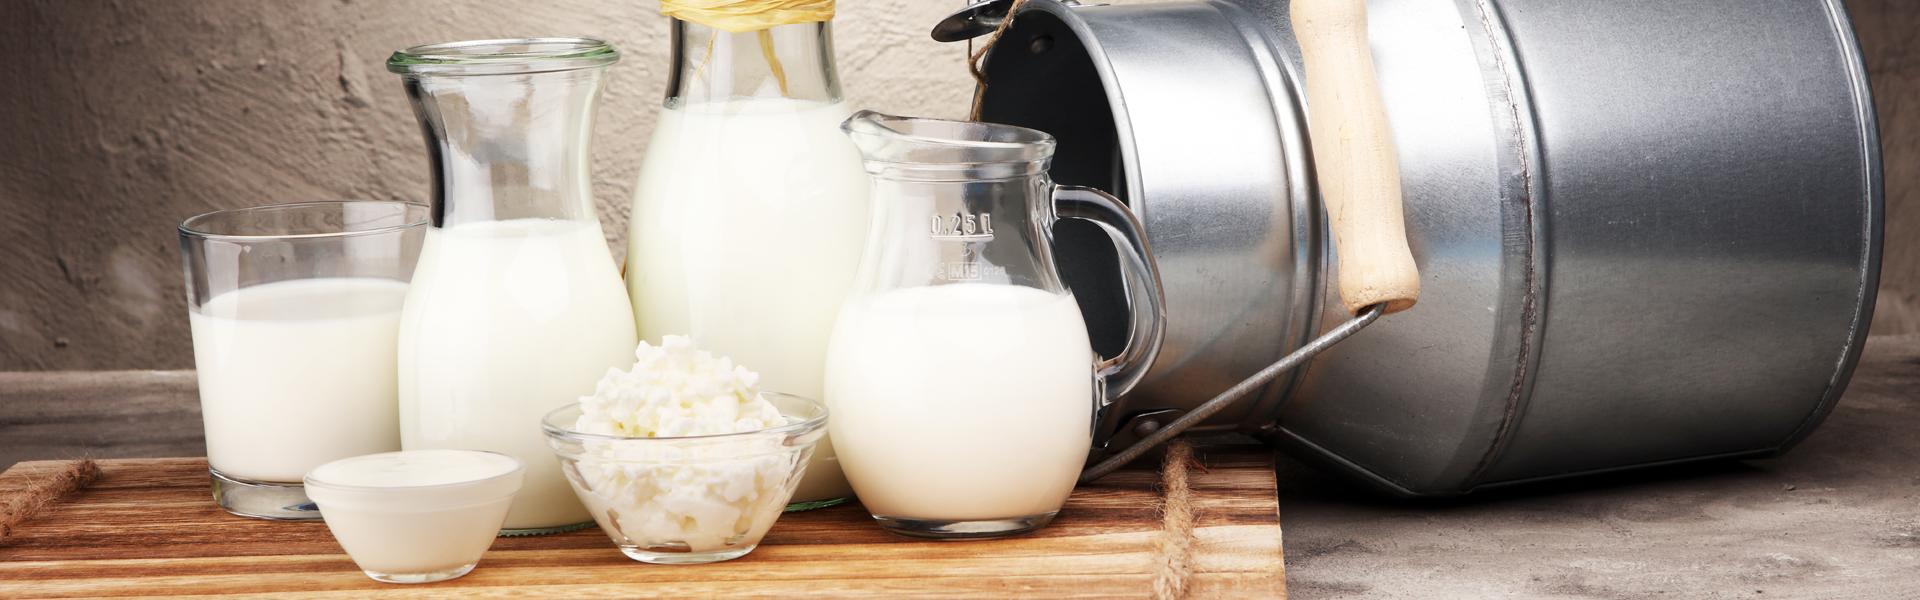 Qual a relação entre a osteoporose e o consumo de leite?